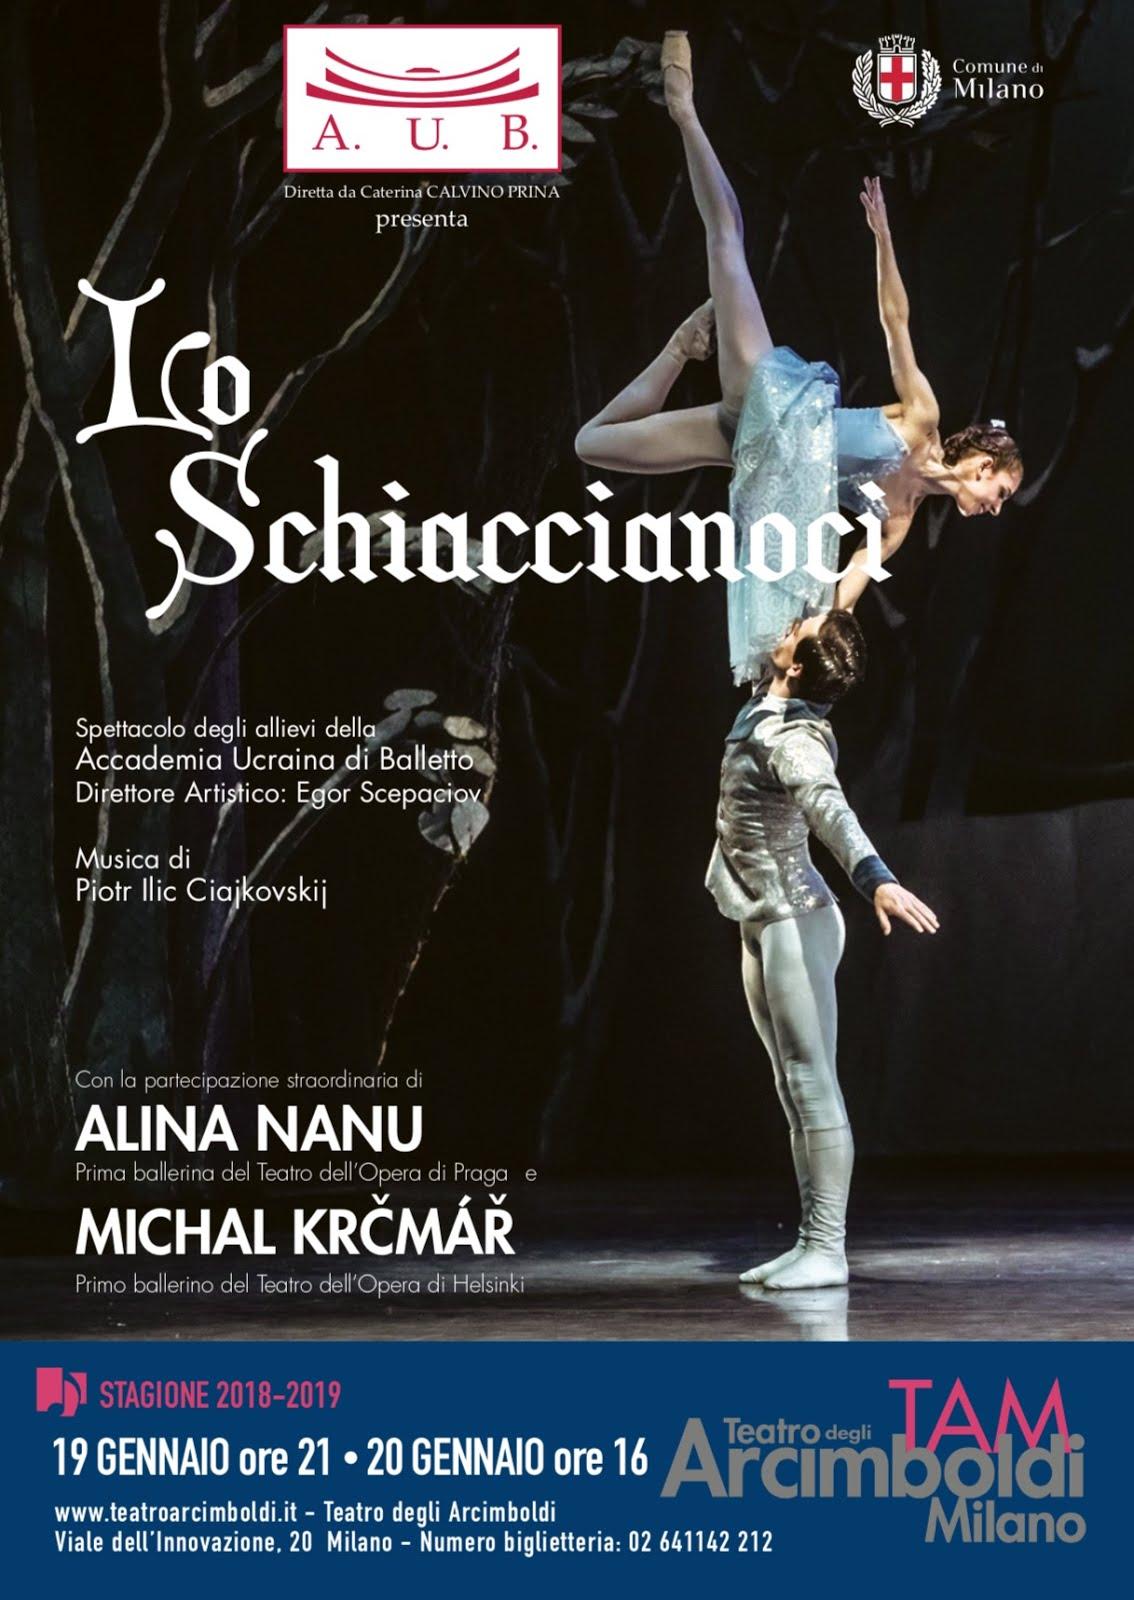 SCHIACCIANOCI di Accademia Ucraina di Balletto